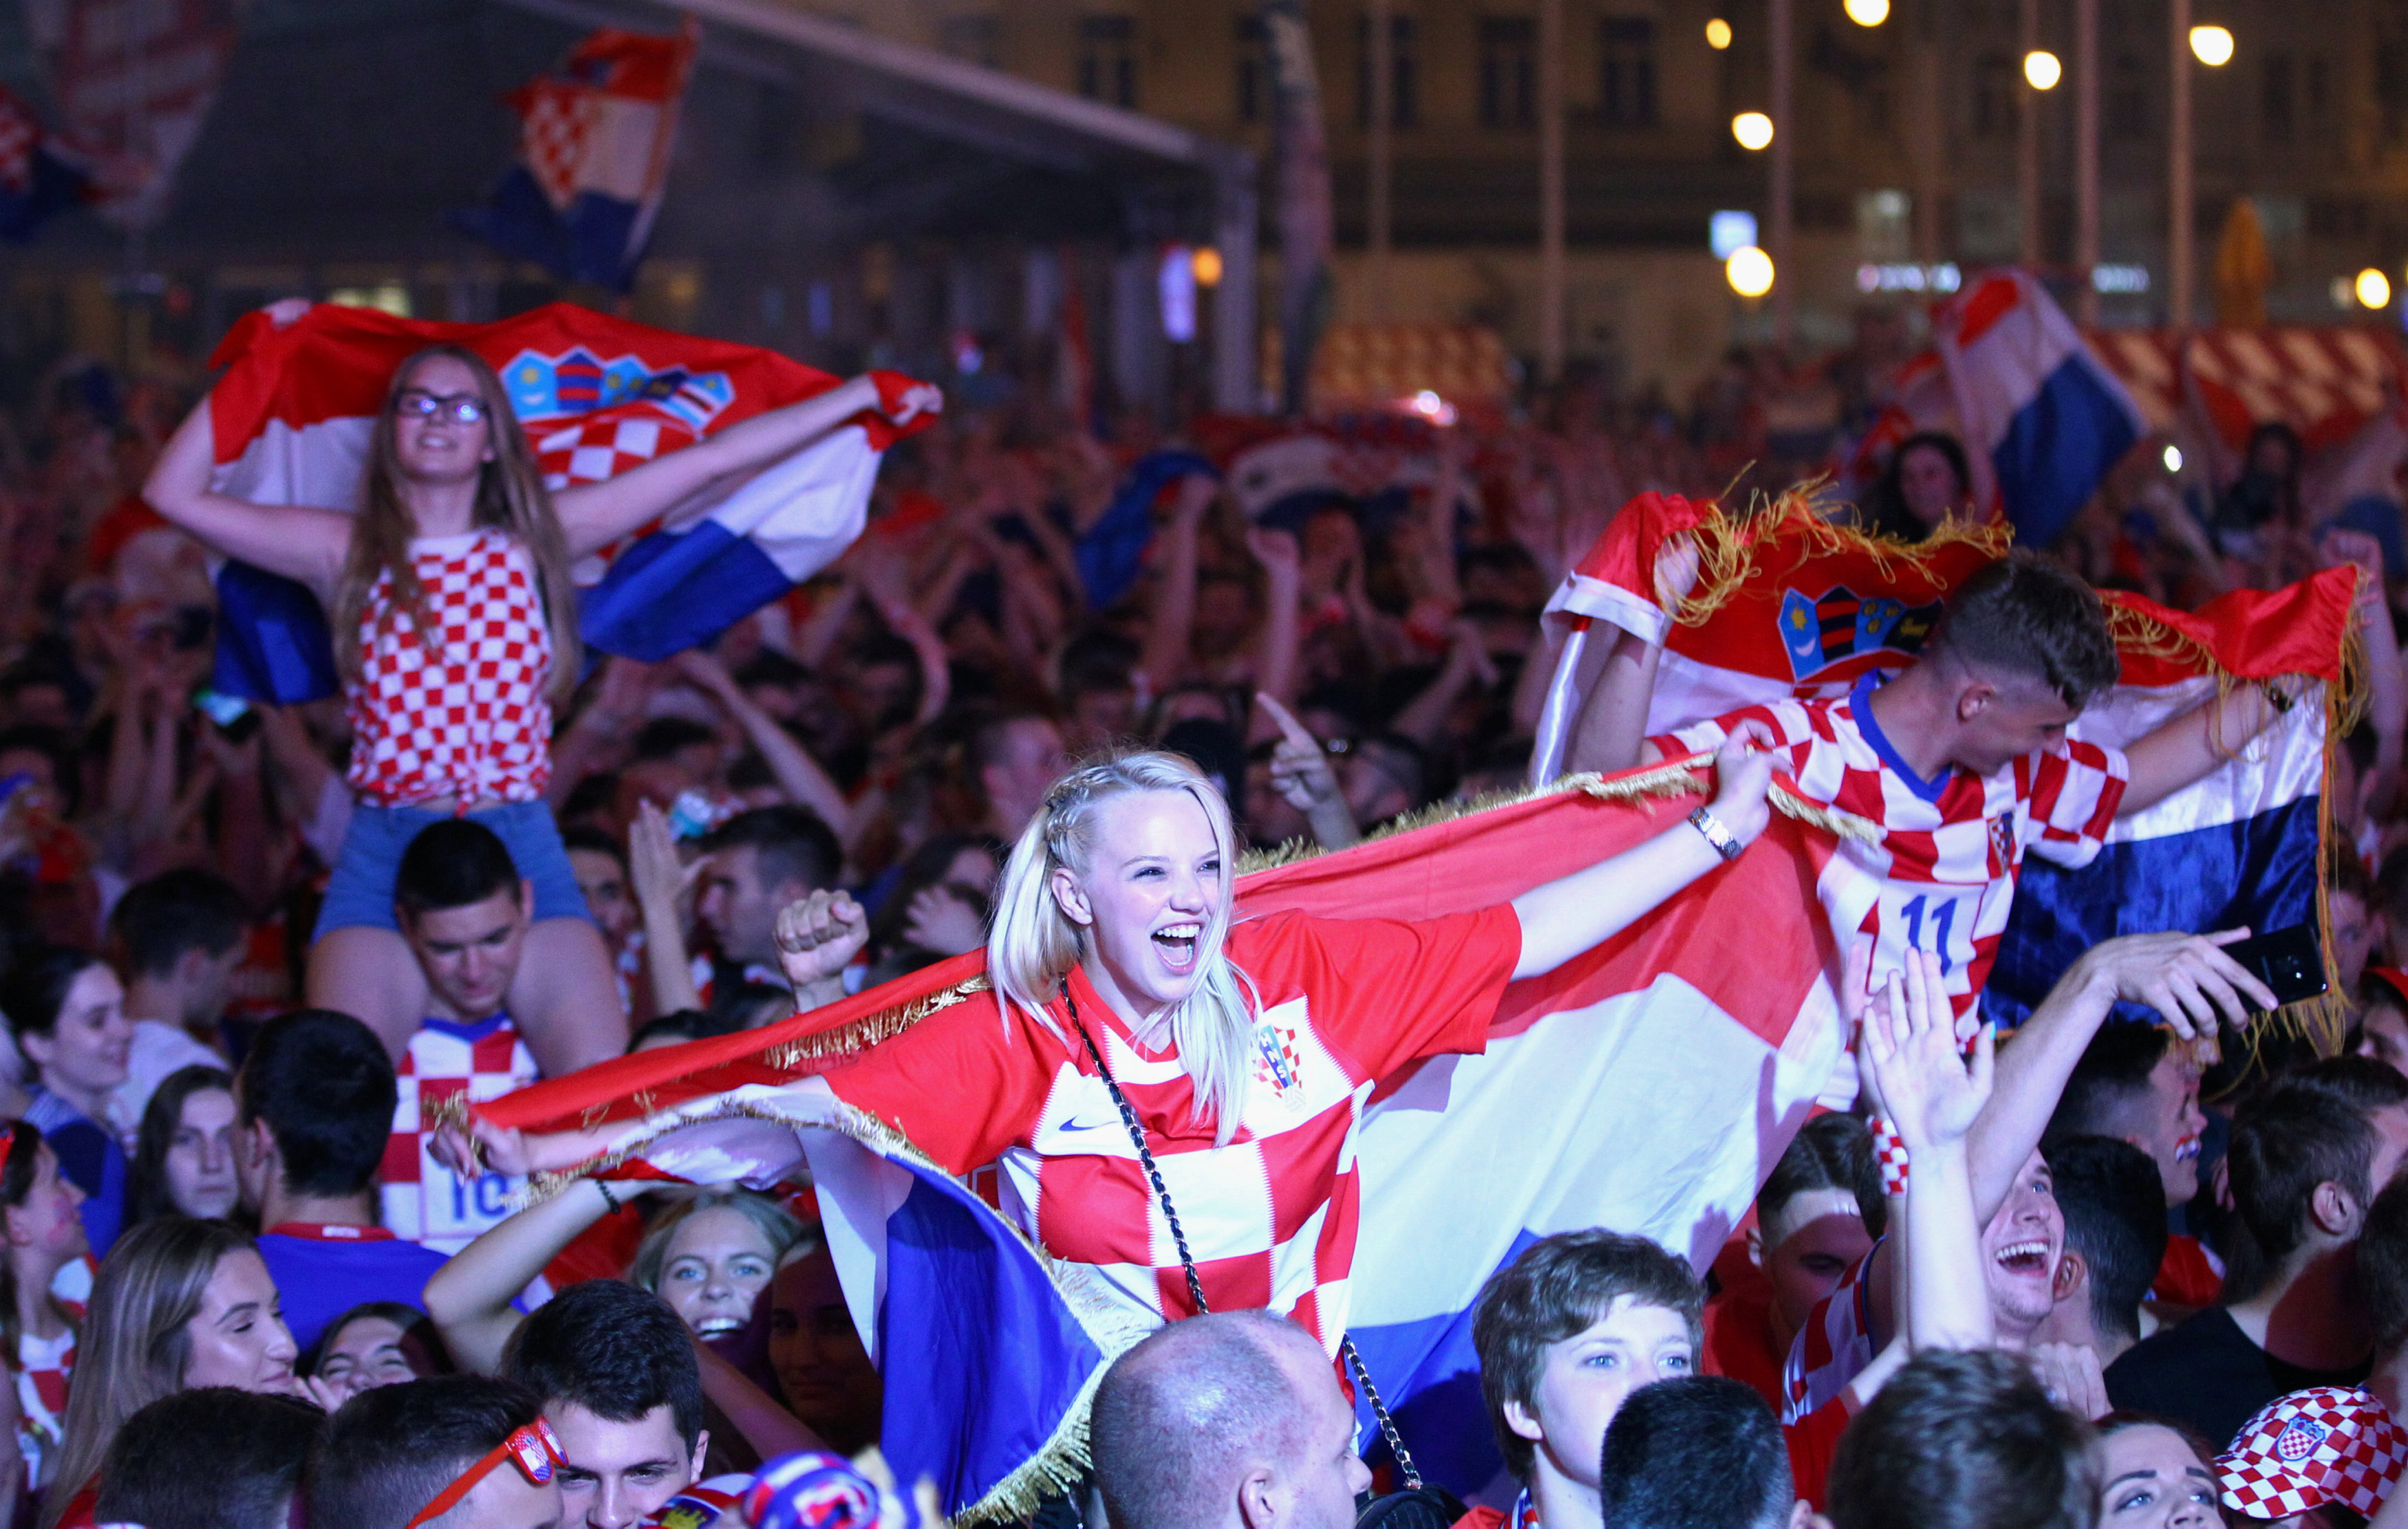 احتفالات منتخب كرواتيا بعد التأهل لنصف نهائي مونديال 2018 (3)